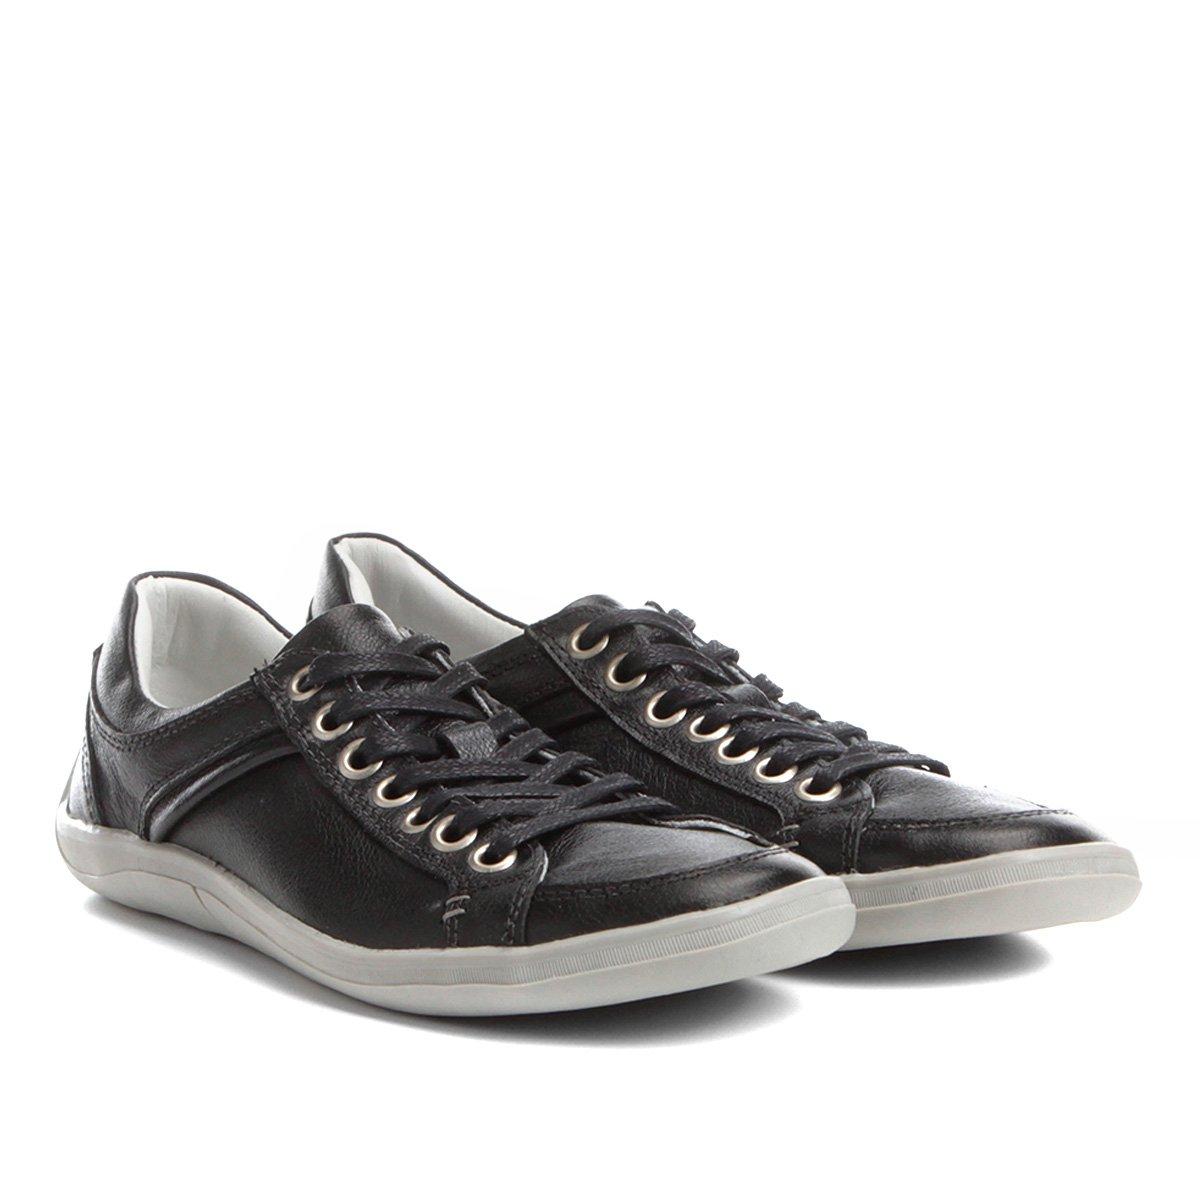 3616940cc2 Sapatênis Couro Shoestock Pespontos Masculino